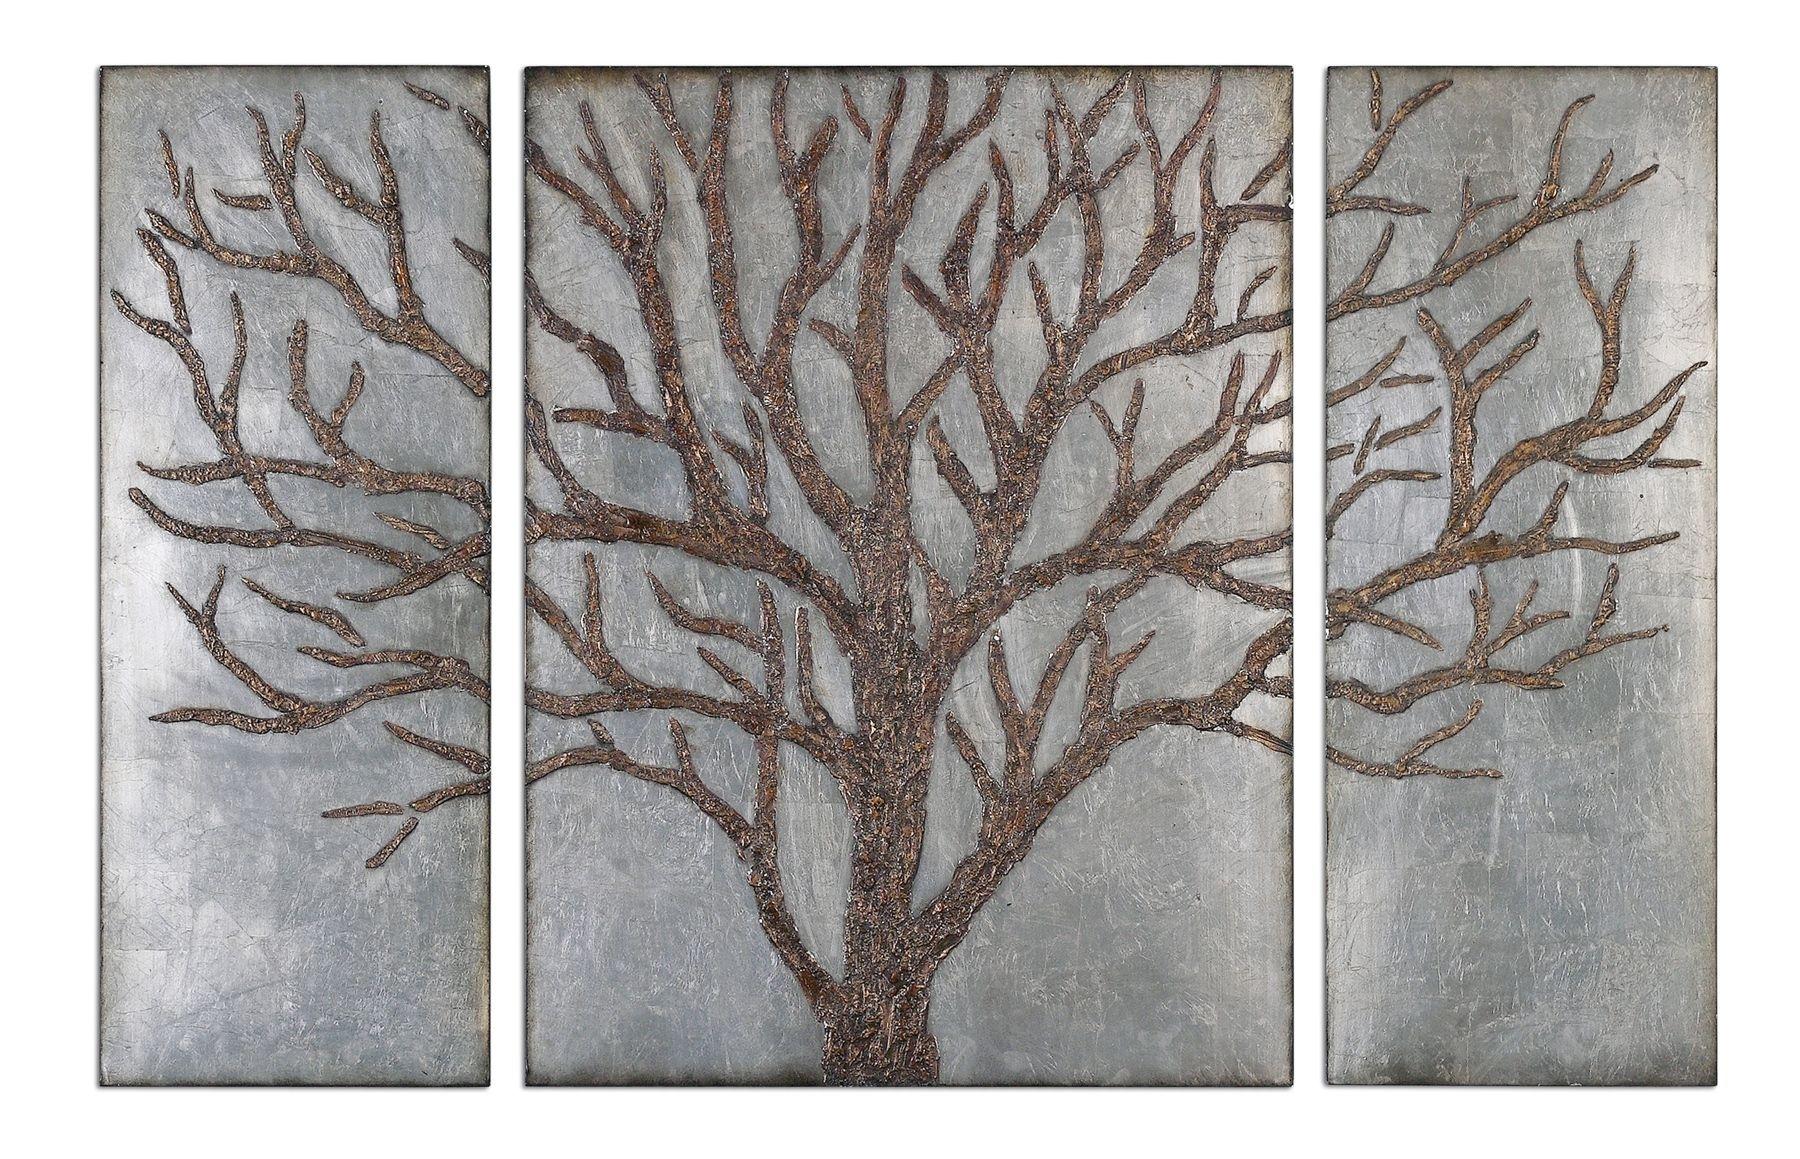 Large Rustic Wall Art – Turbid With Regard To Best And Newest Large Rustic Wall Art (Gallery 6 of 20)